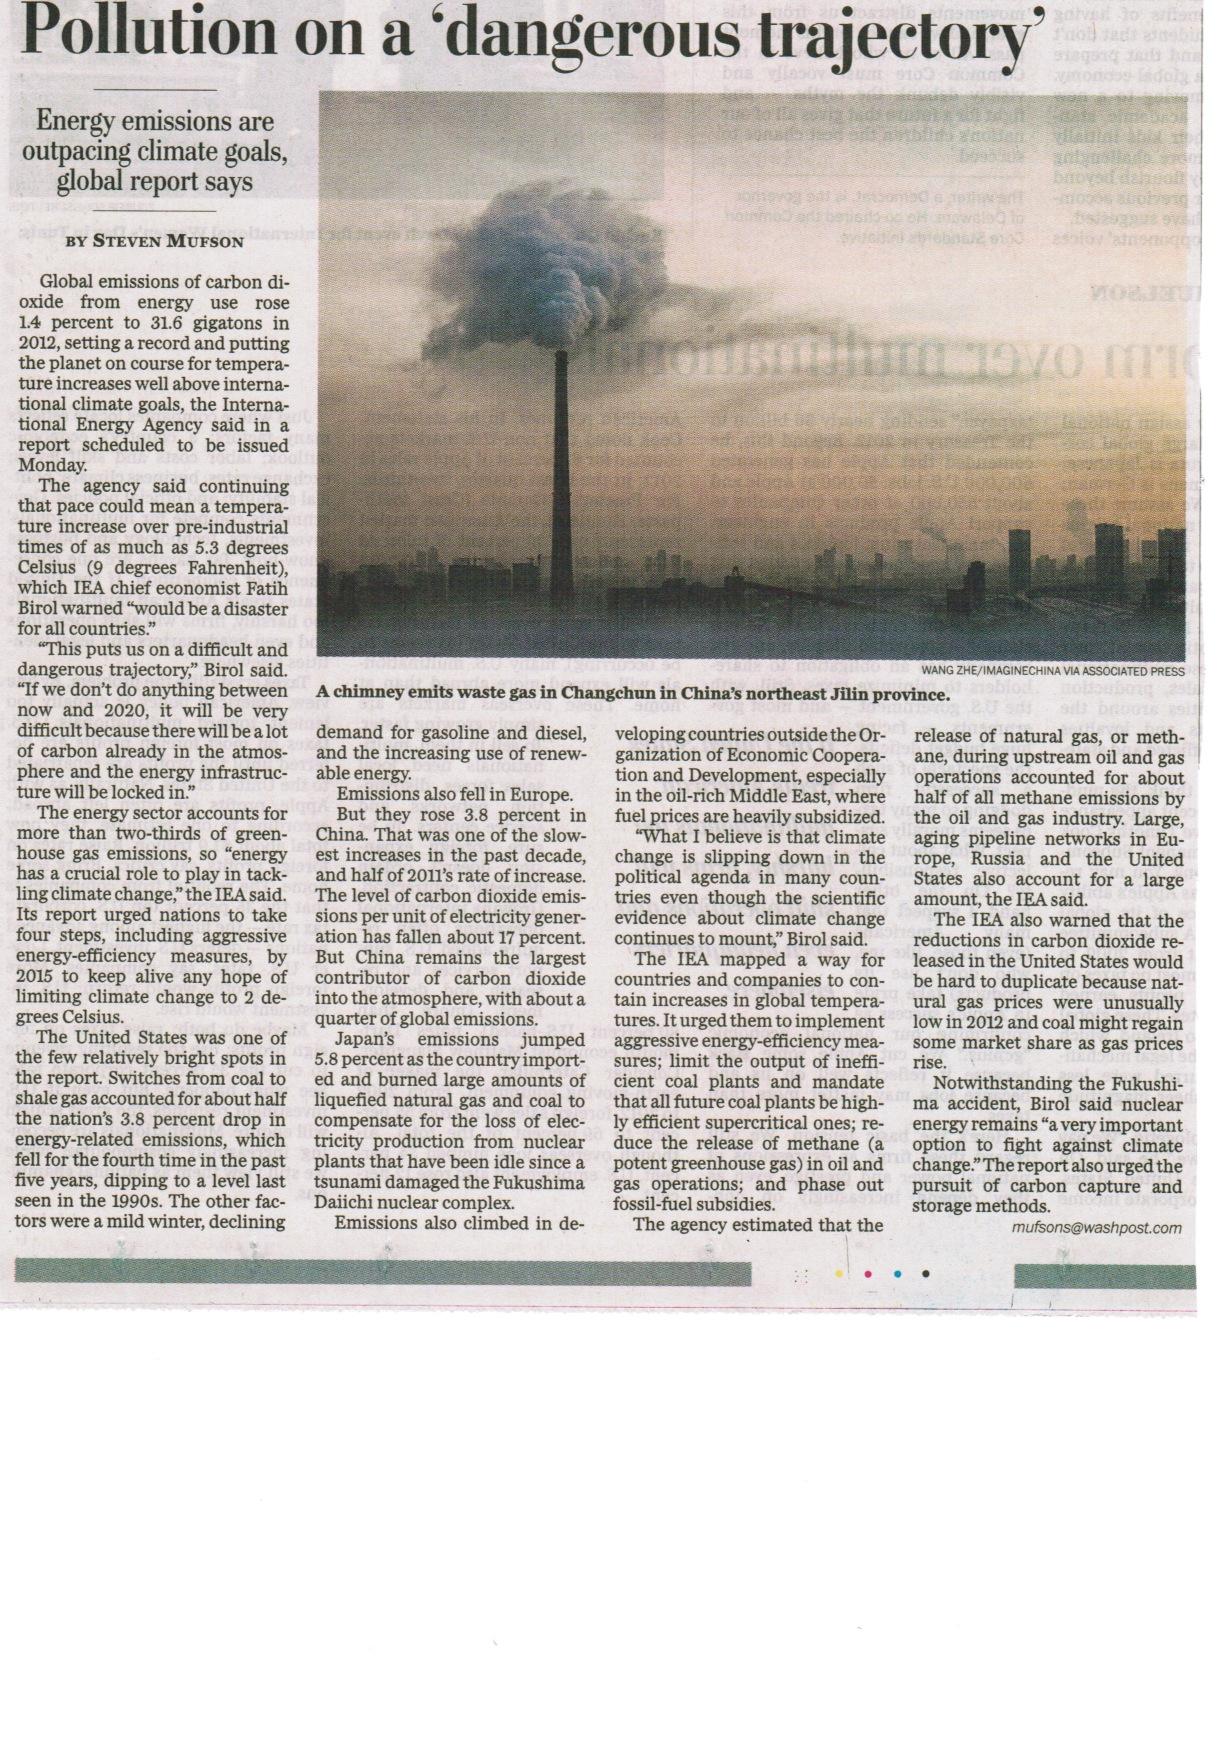 WaPo Coal Plant 061013 2